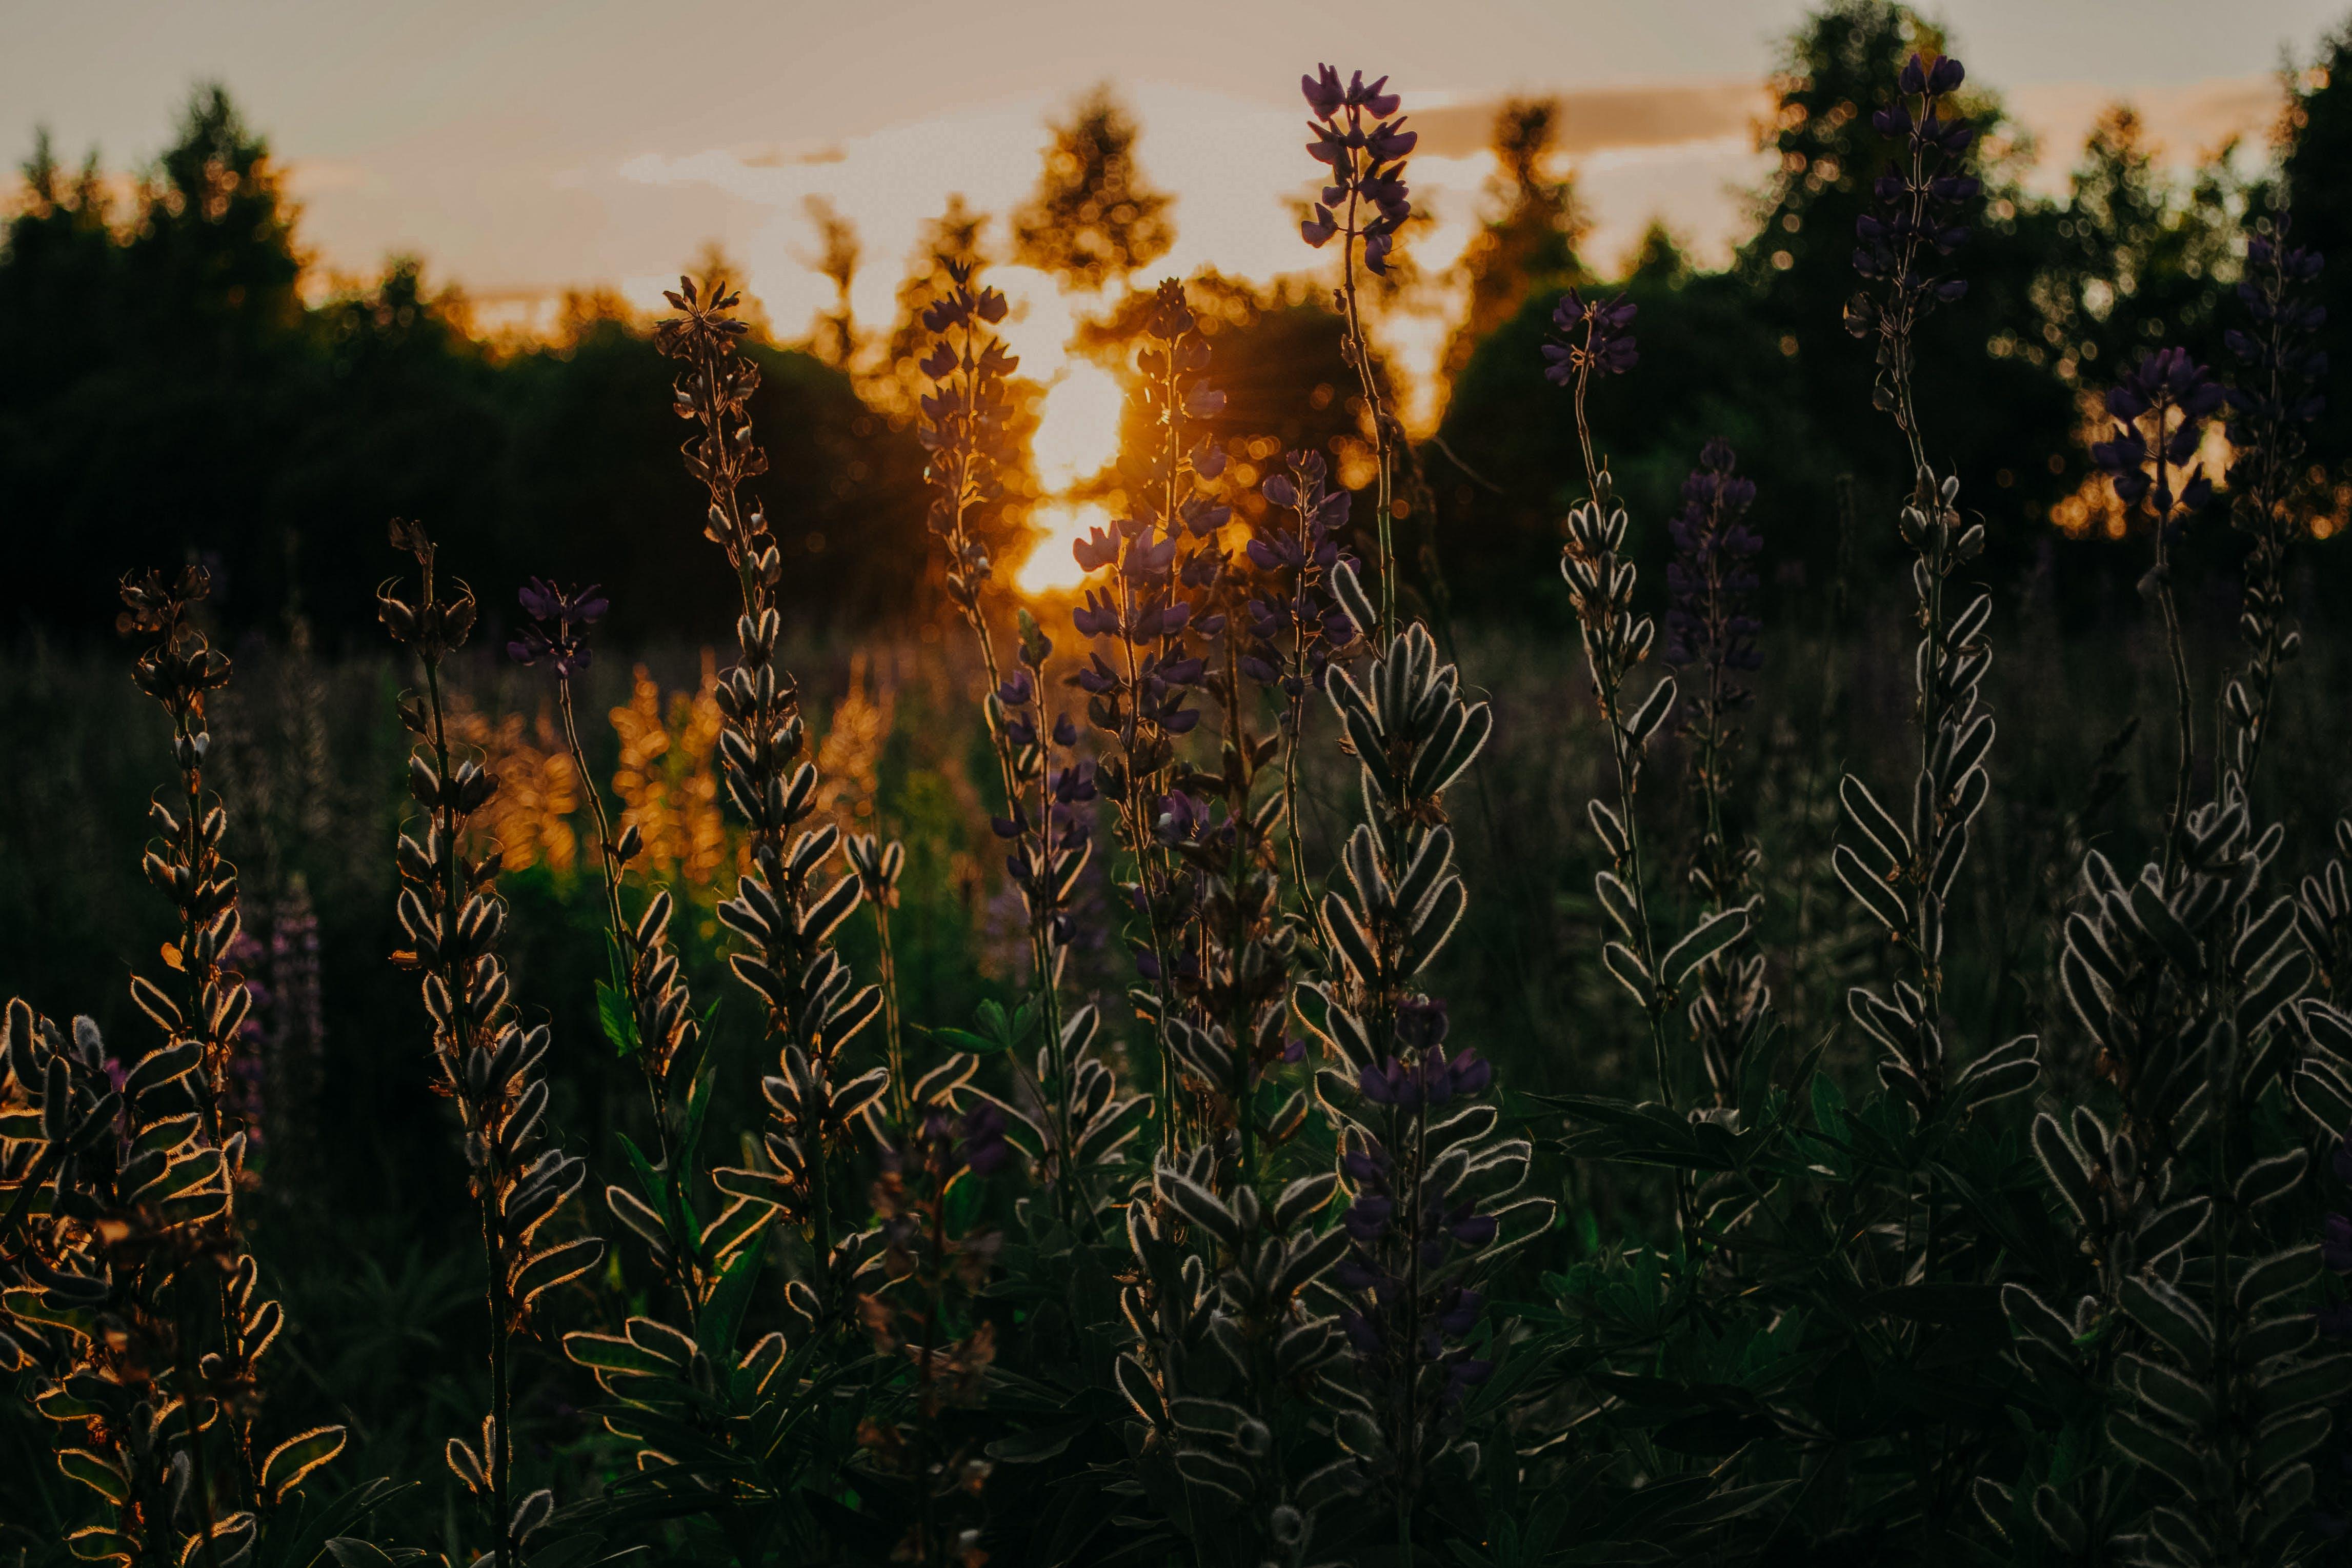 경치, 꽃, 들판, 식물의 무료 스톡 사진